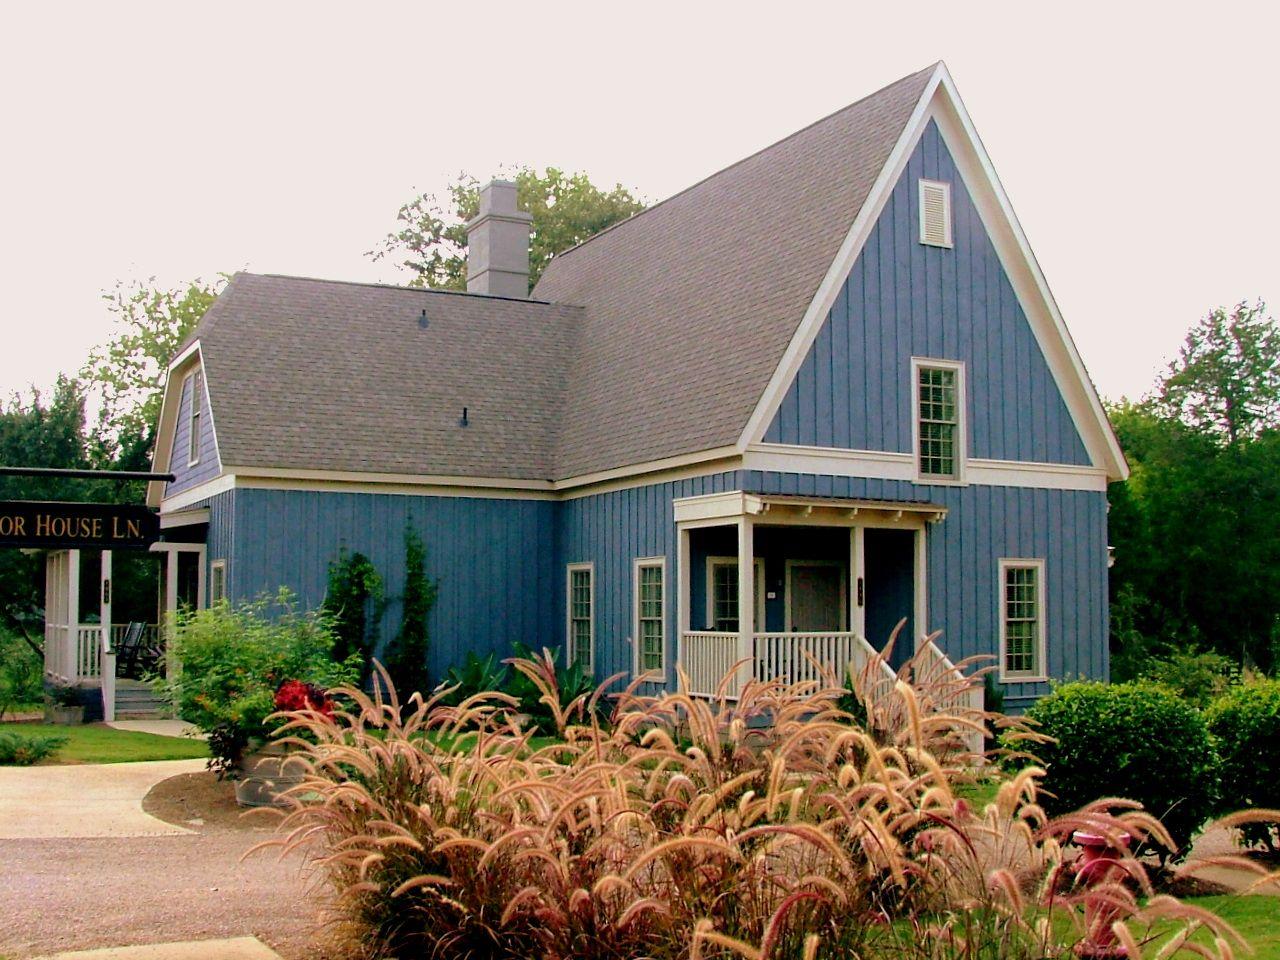 kingston cottage exterior cozy cottages inn at barnsley resort rh pinterest com Kingston Map Kingston University